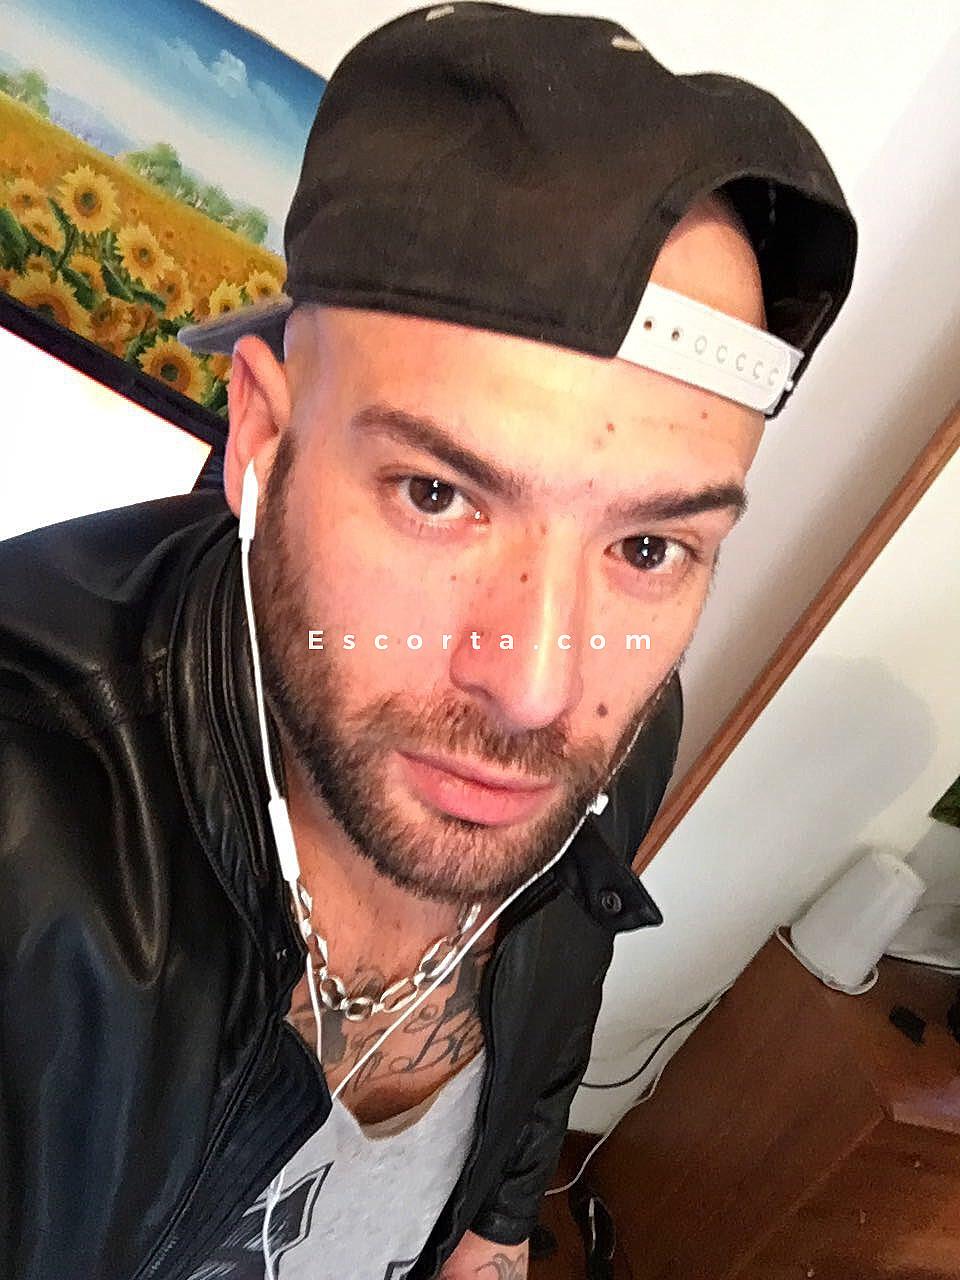 escort uomini gay escort uomo italia